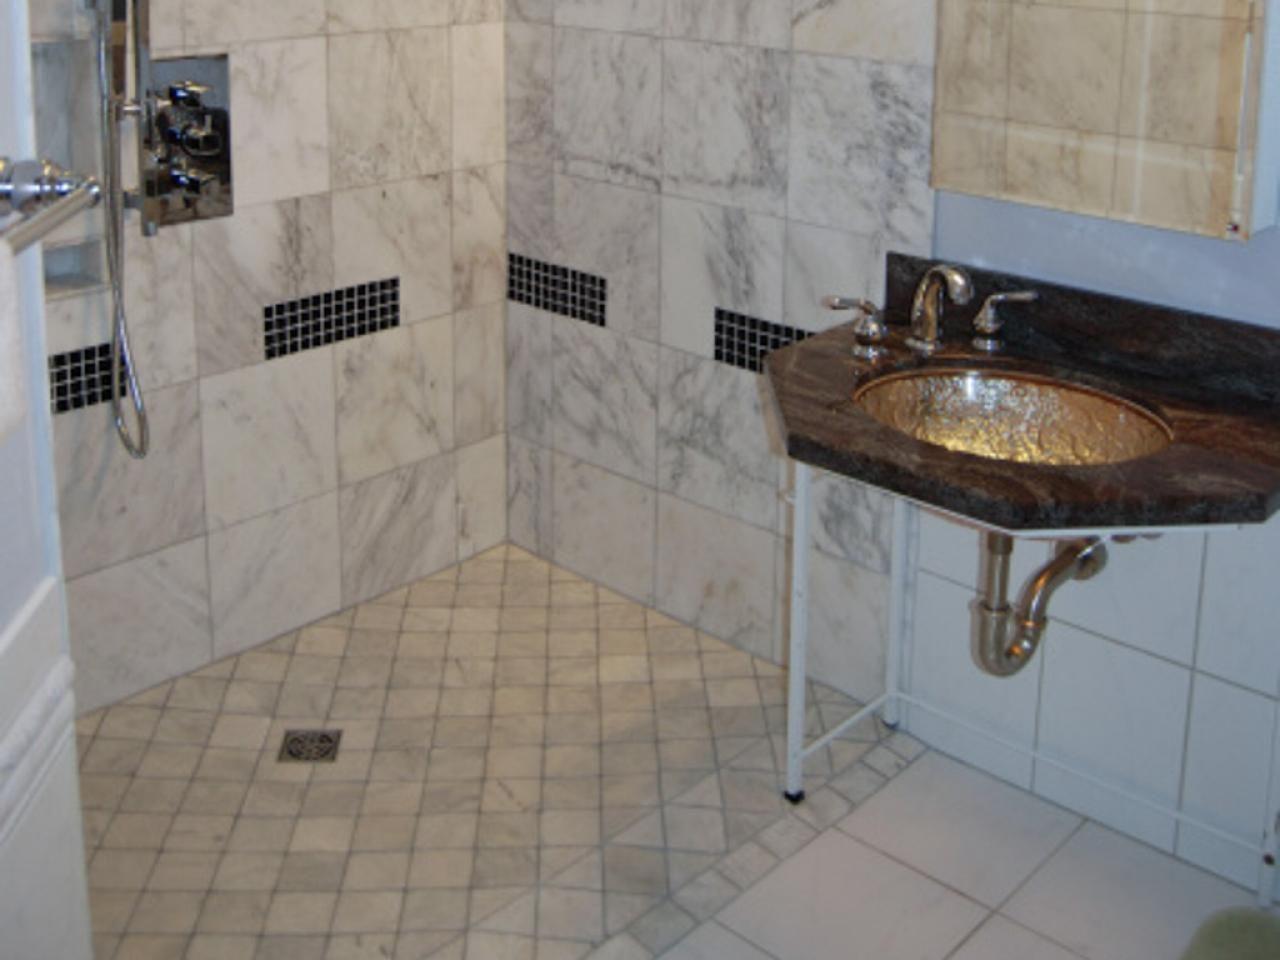 ADACompliant Bathroom Layouts  ADA  Ada bathroom